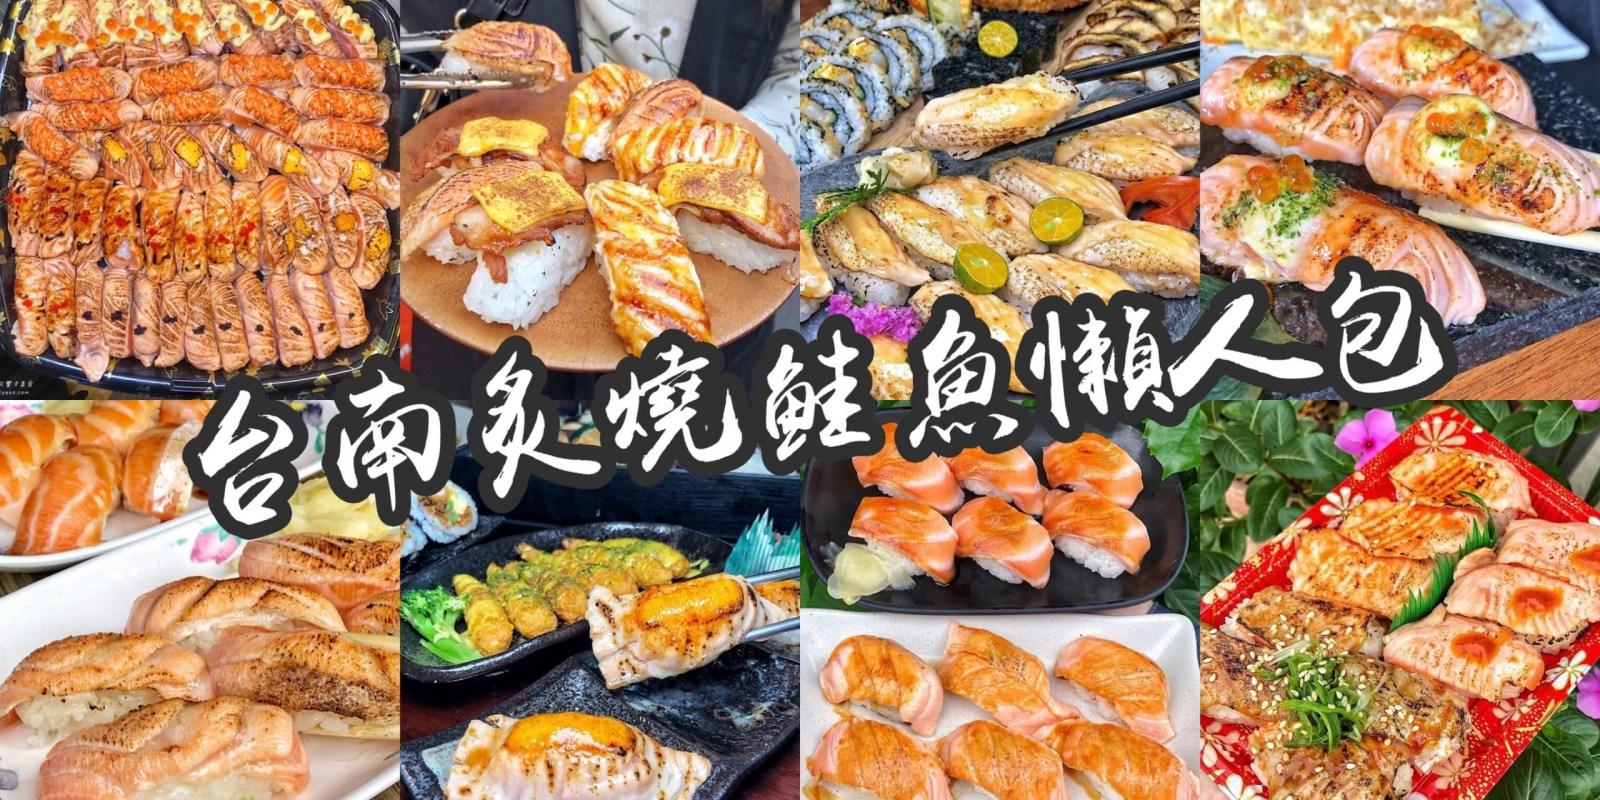 【台南美食】2021台南炙燒鮭魚握壽司懶人包|全台最狂50貫炙燒鮭魚/炙燒鮭魚一貫15元?(持續更新中)